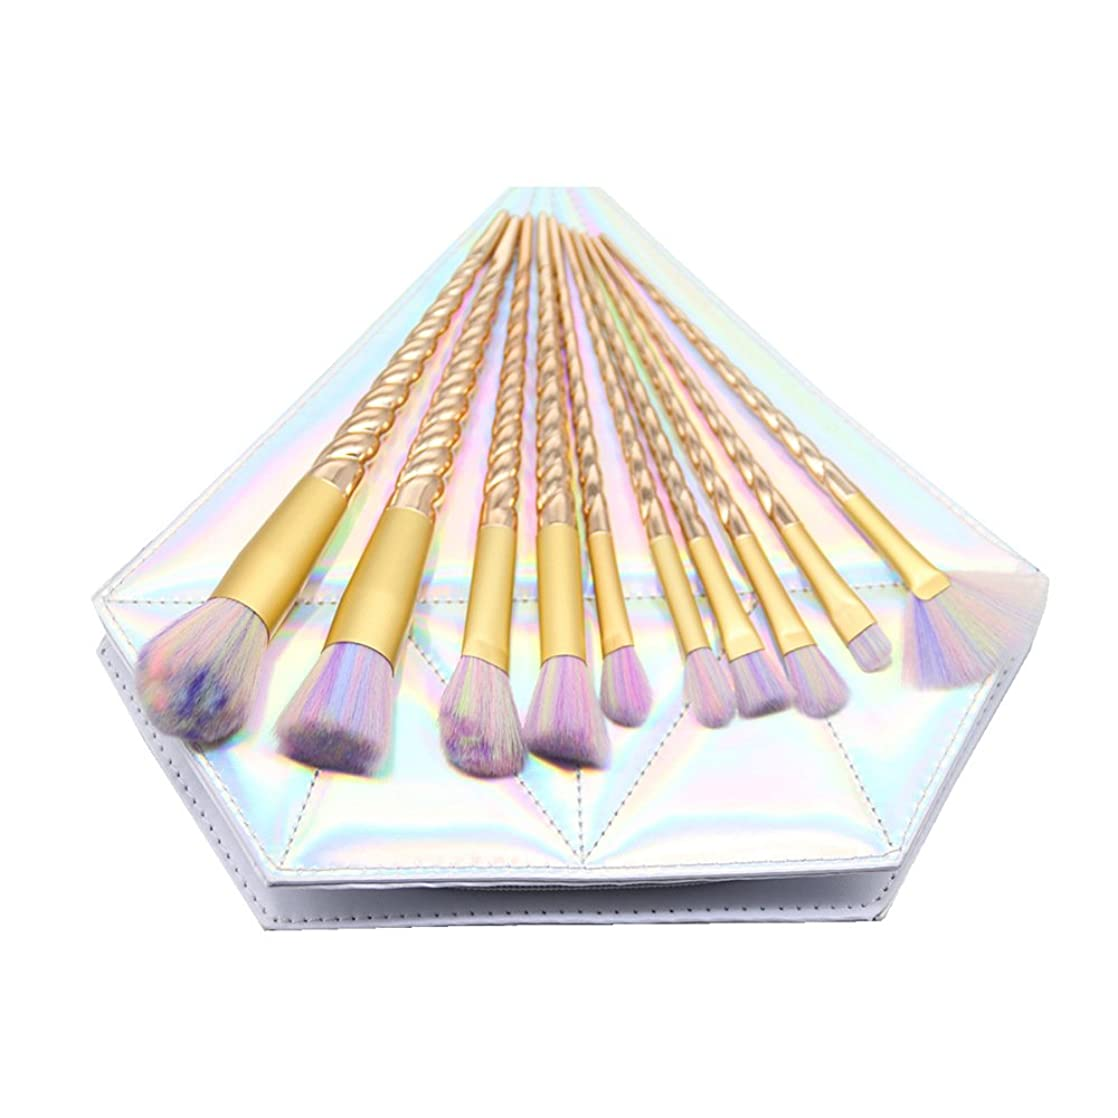 不安しばしばコントロールDilla Beauty メイクブラシセット 10本セット ユニコーンデザイン プラスチックハンドル 合成毛 ファンデーションブラシ アイシャドーブラッシャー 美容ツール 化粧品のバッグ付き